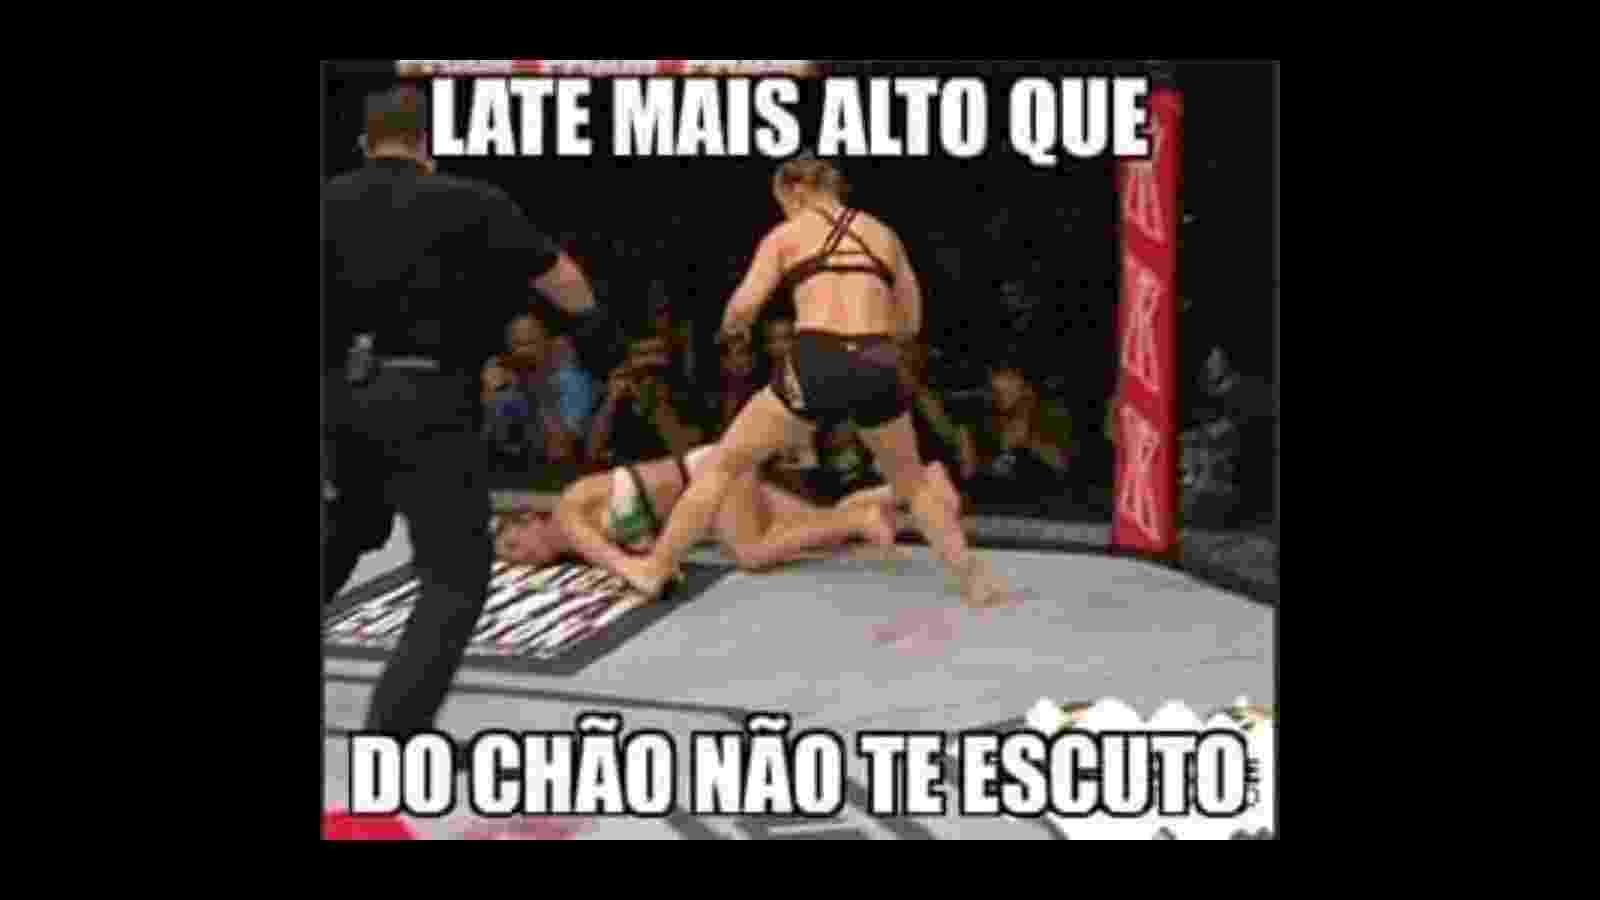 Torcedores fazem piadas na Internet com a vitória de Ronda Rousey sobre Bethe Correia - Reprodução